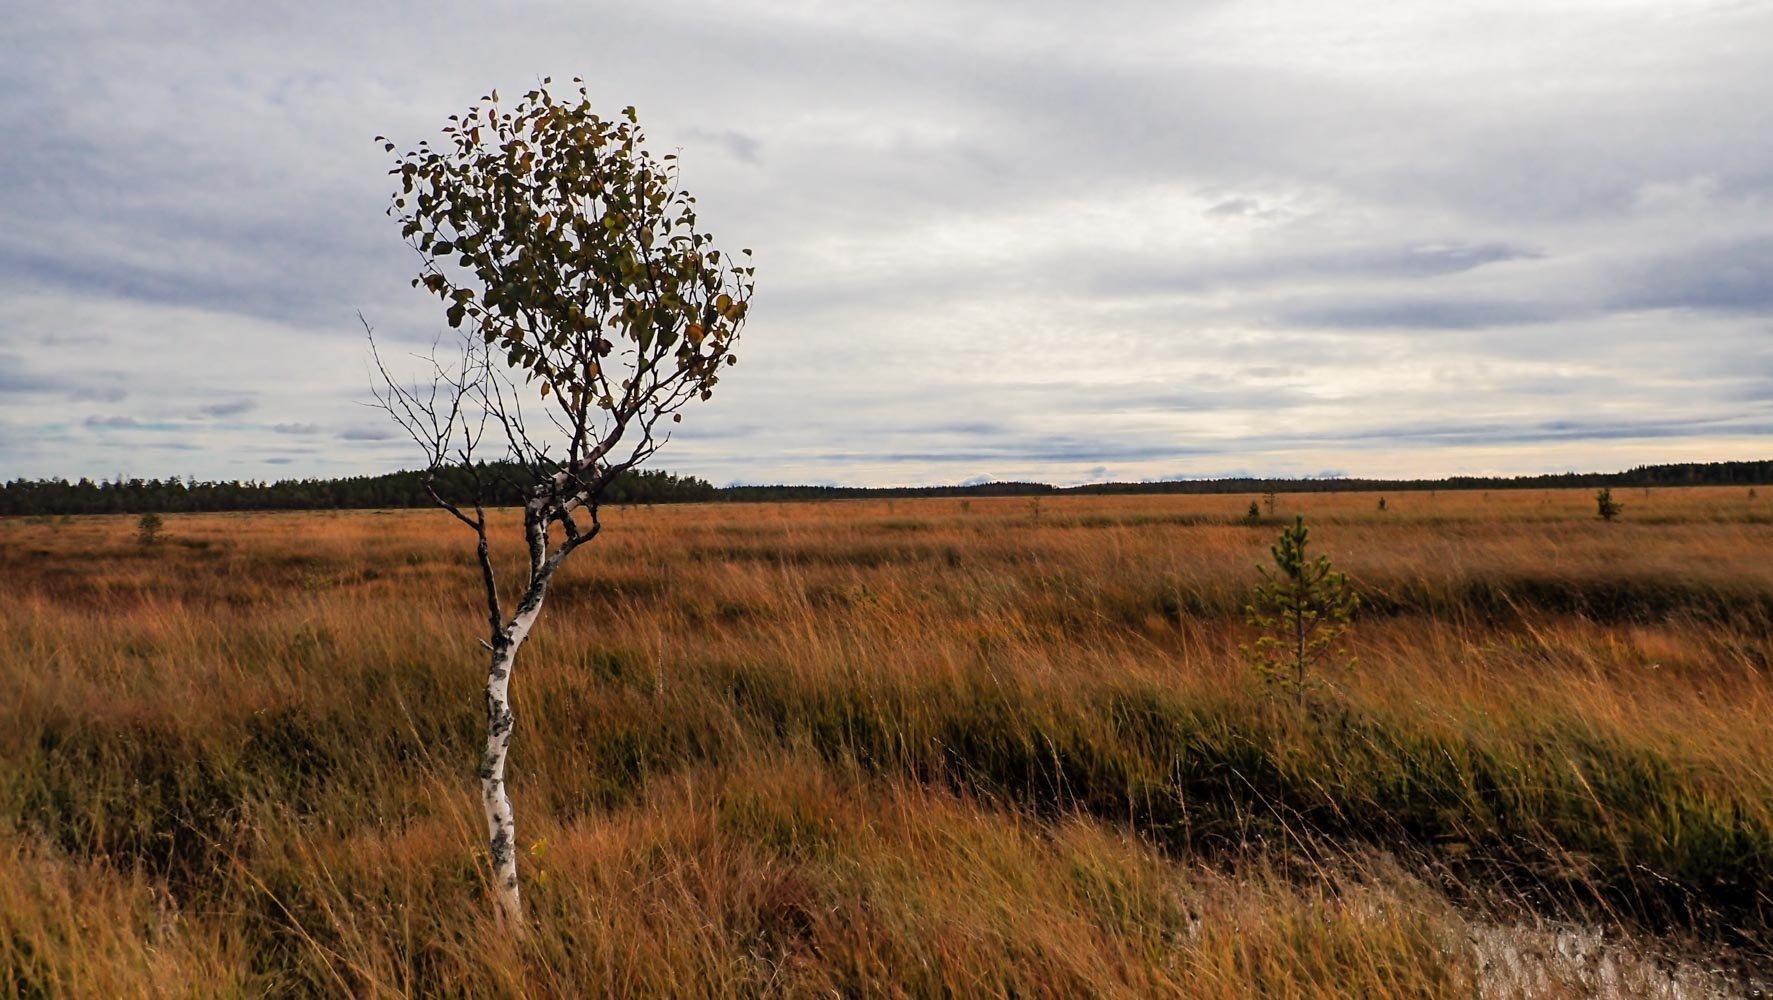 Heinää ja saraa kasvava avosuo syksyn ruskeissa ja keltaisissa sävyissä. Kuvan vasemmassa laidassa yksinäinen kitulias koivu.